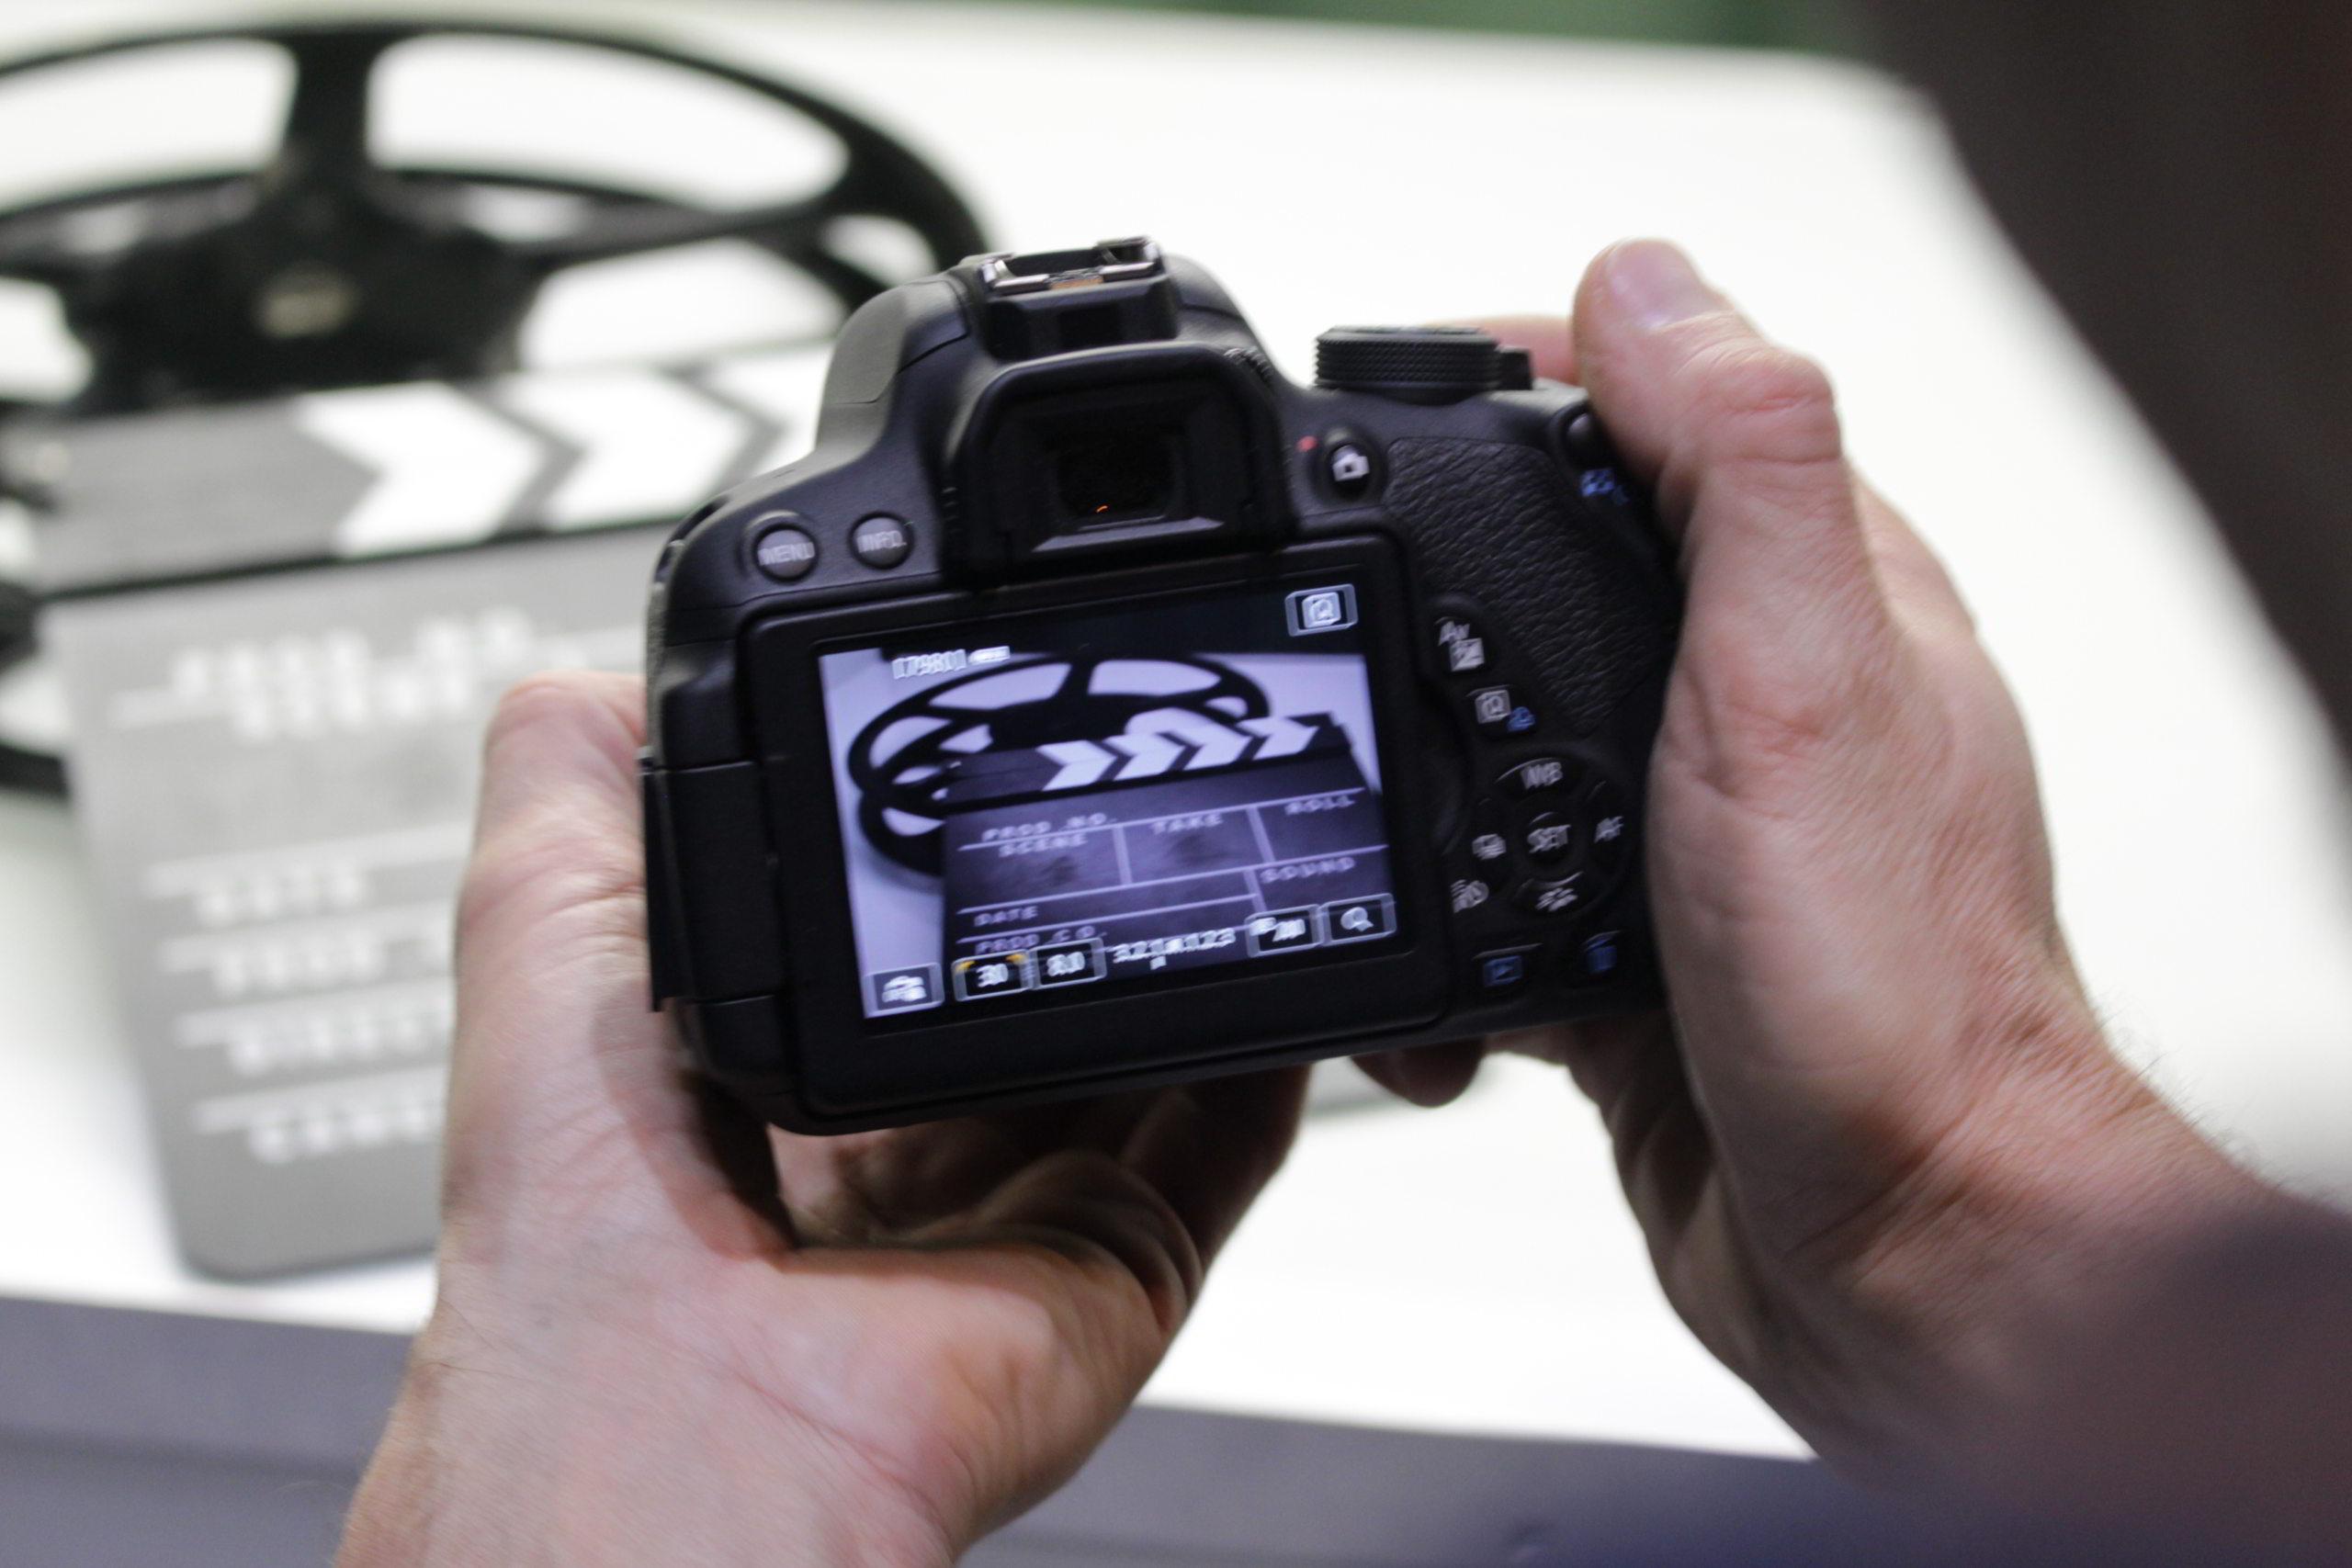 Hände halten eine digitale Filmkamera